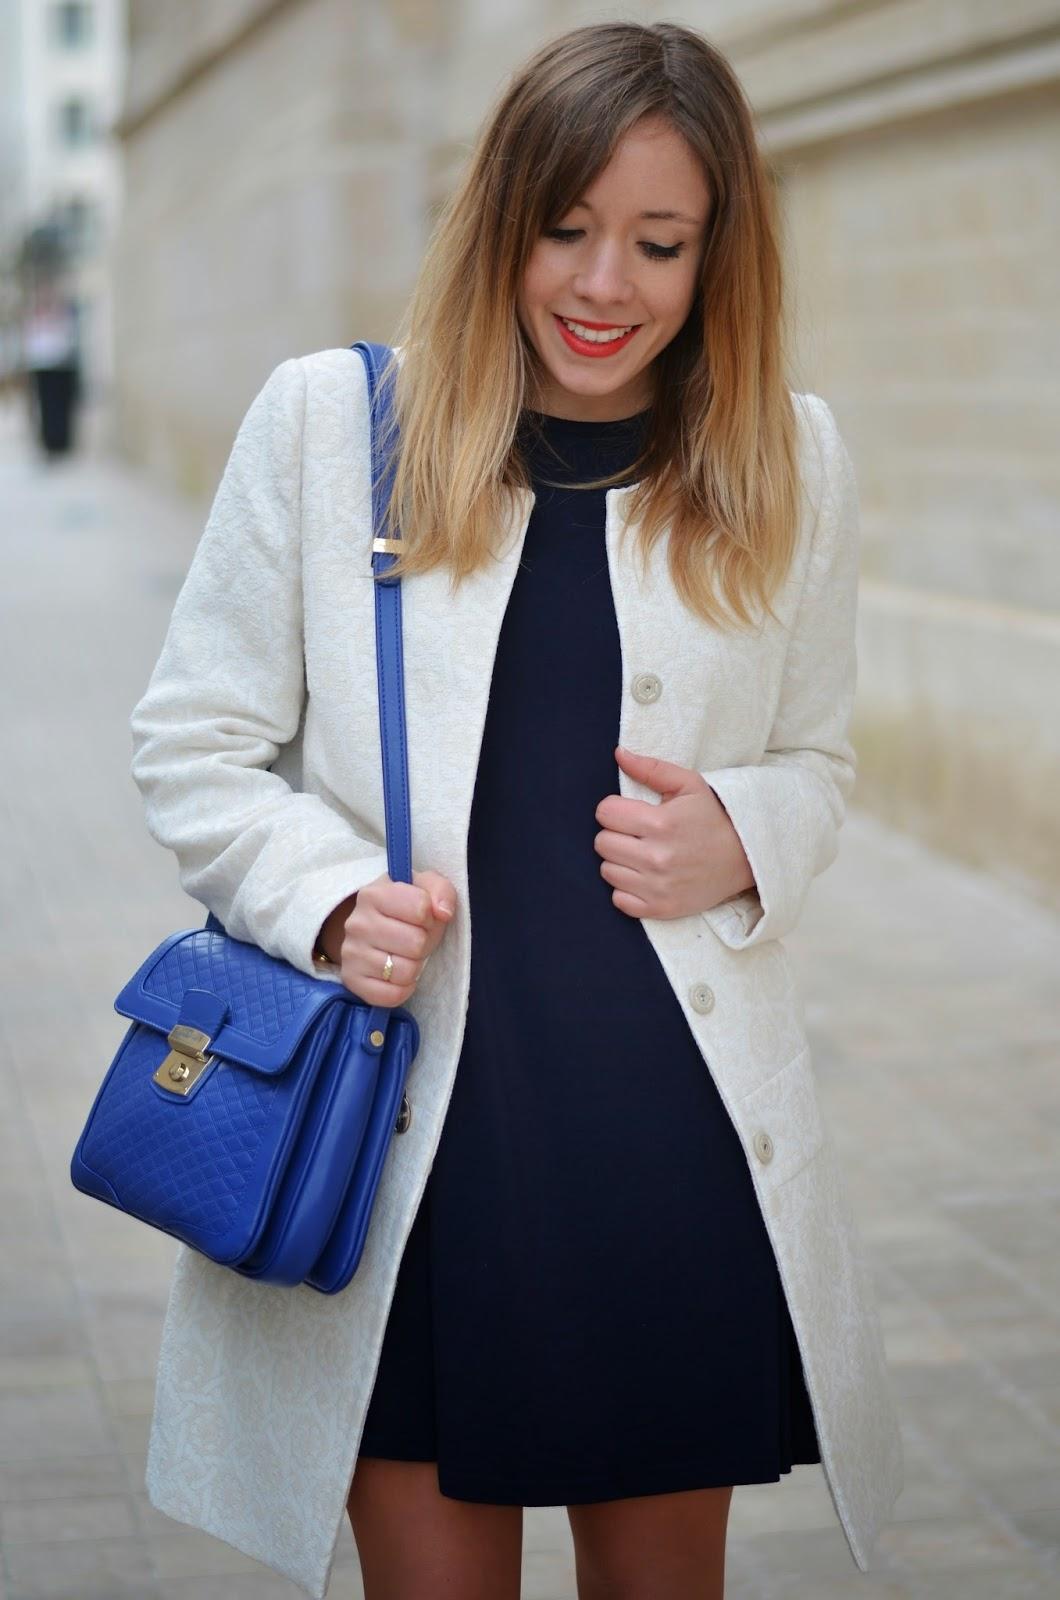 Quelle couleur de veste avec une robe bleu marine